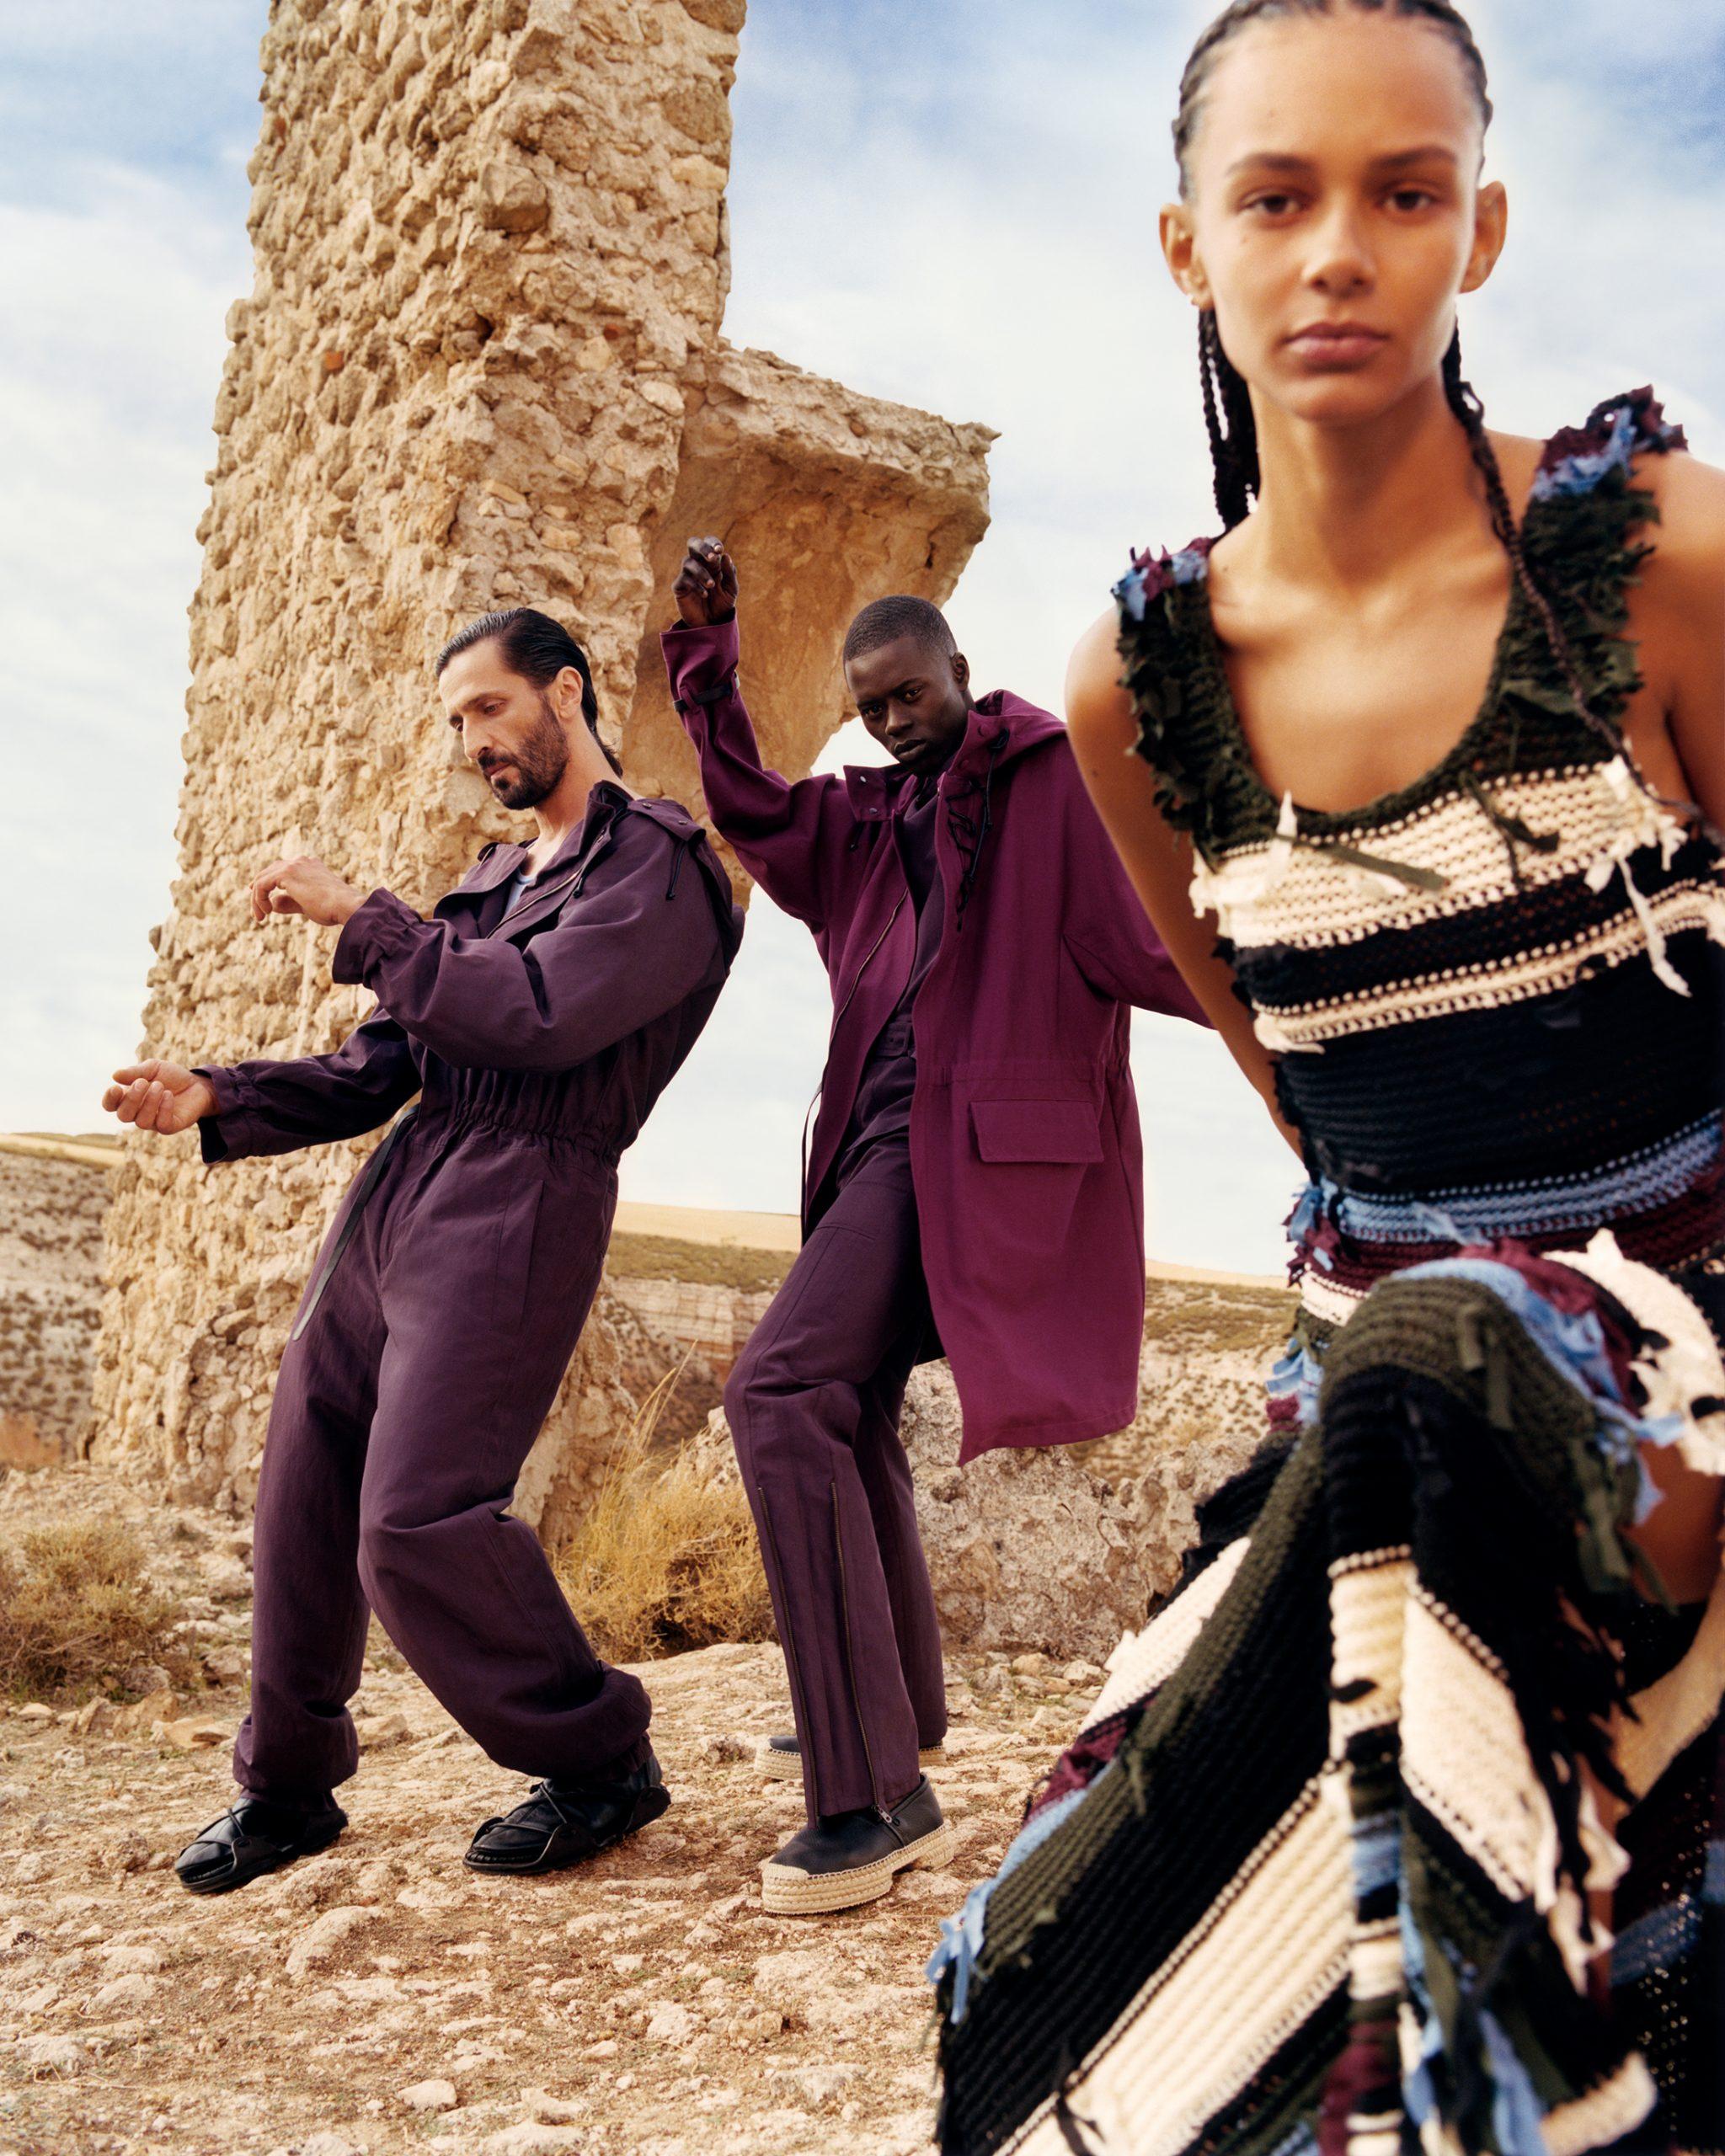 Salvatore Ferragamo Spring 2020 Fashion Ad Campaign Photos